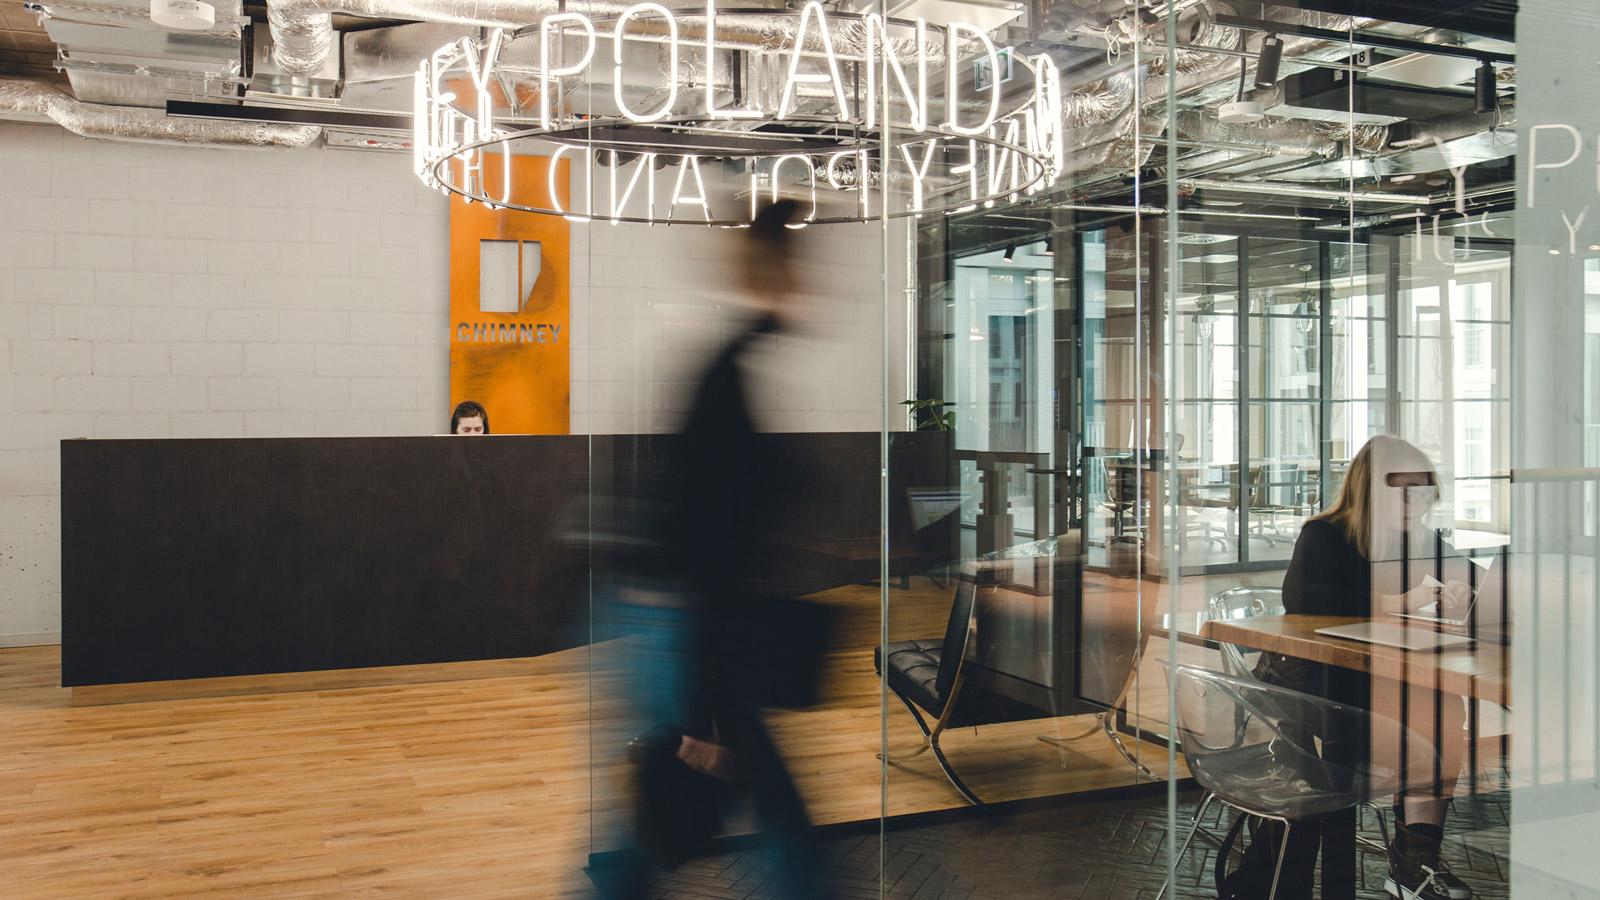 Najlepsze biura w Polsce Biura chimney poland biuro w branzy kreatywnej 1